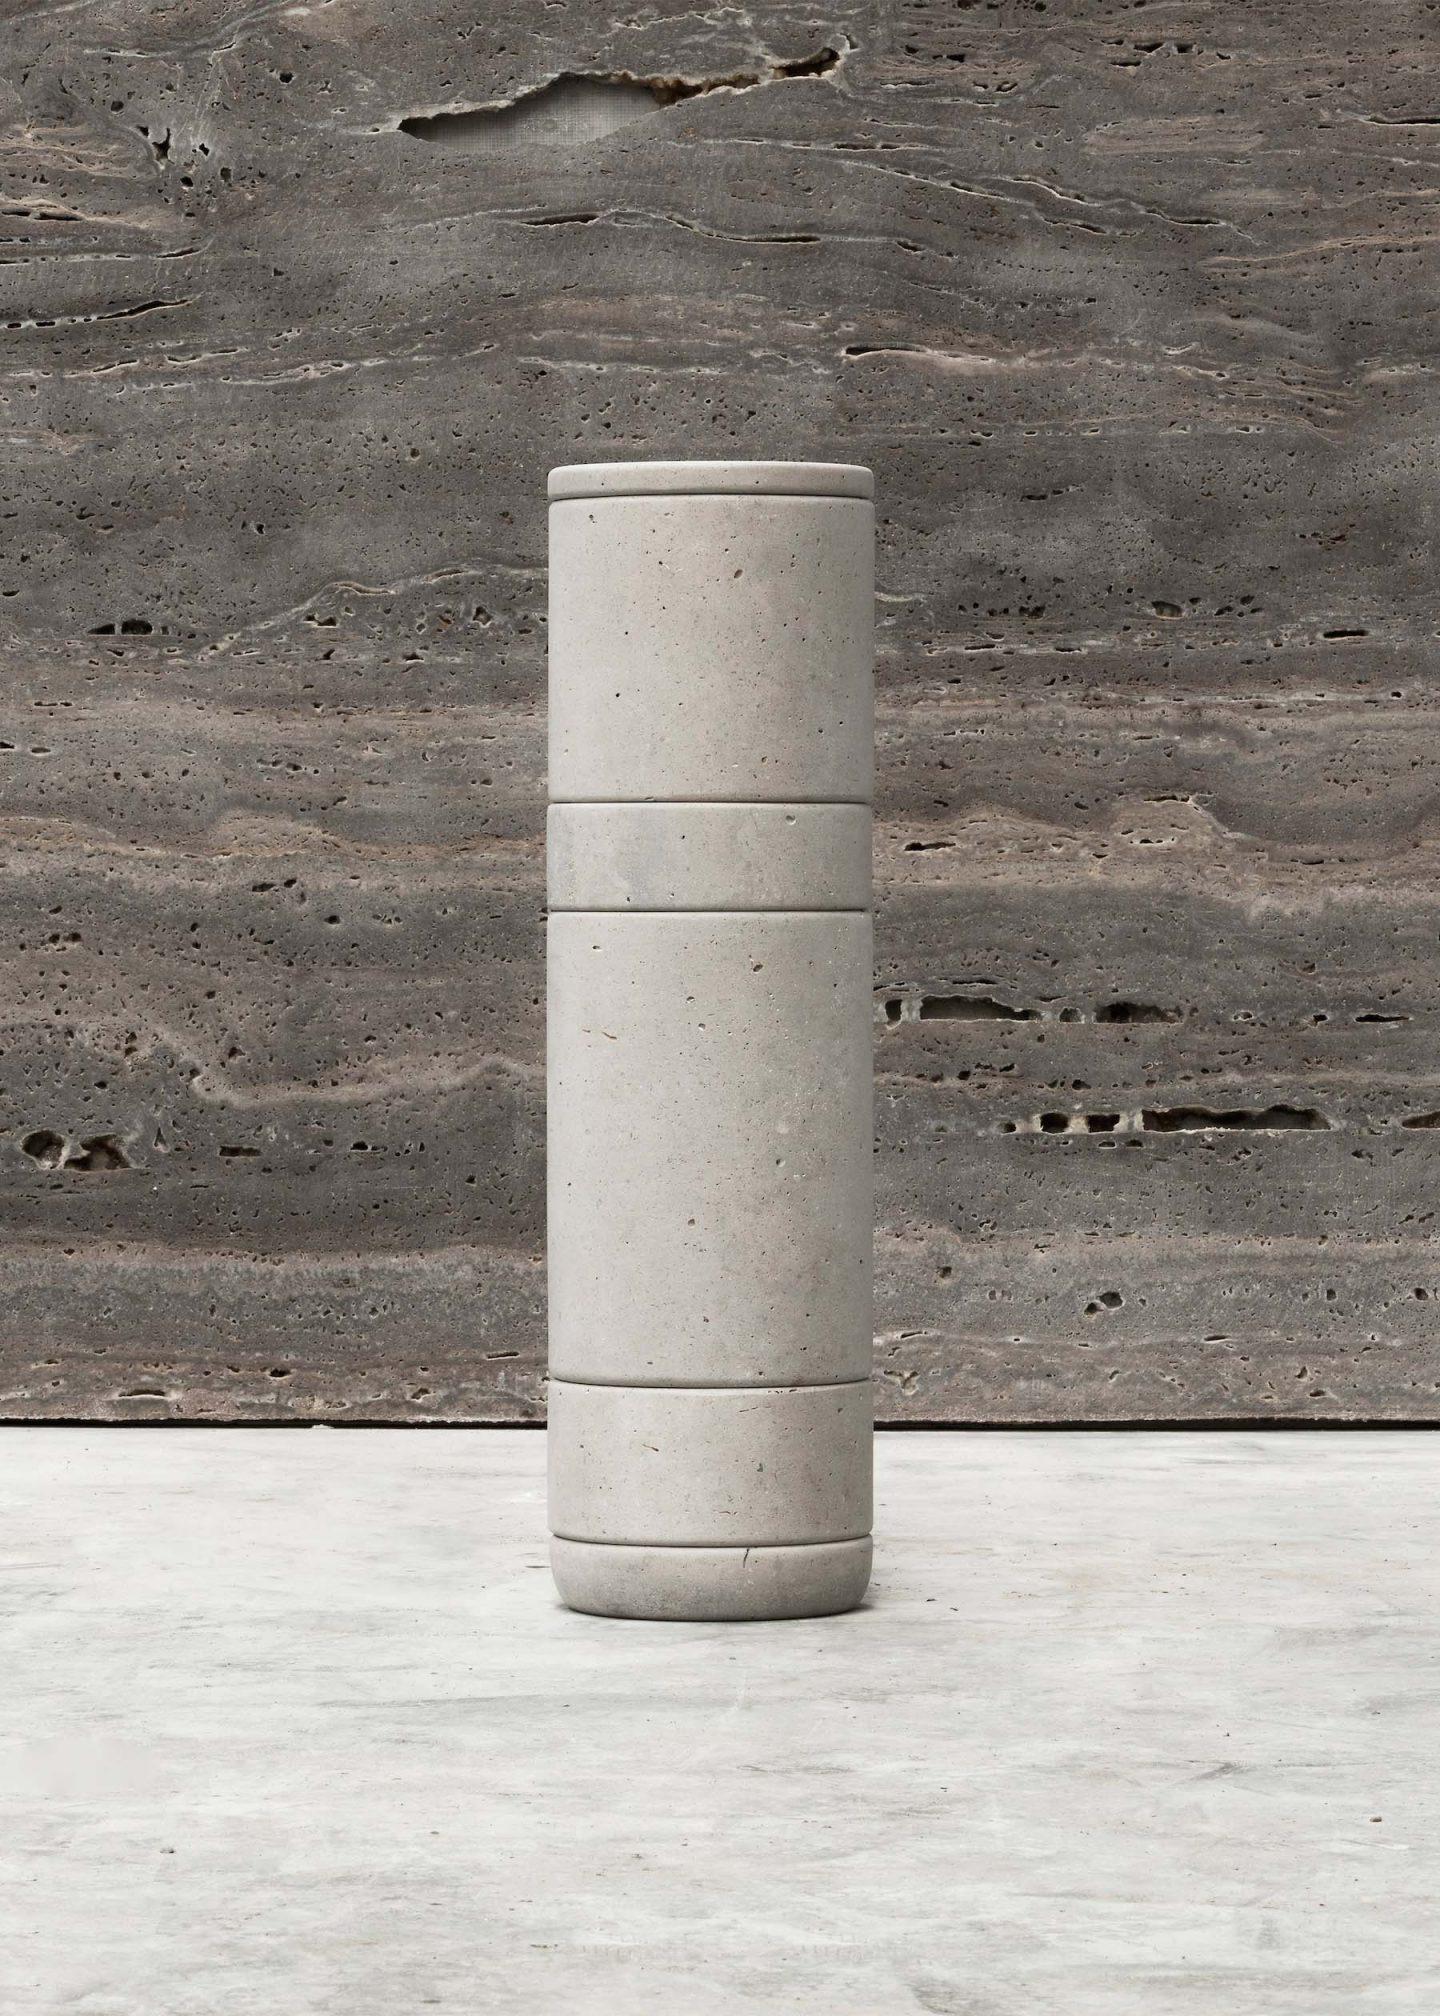 iGNANT-Design-Francesco-Balzano-and-Valeriane-Lazard-Primitif-13